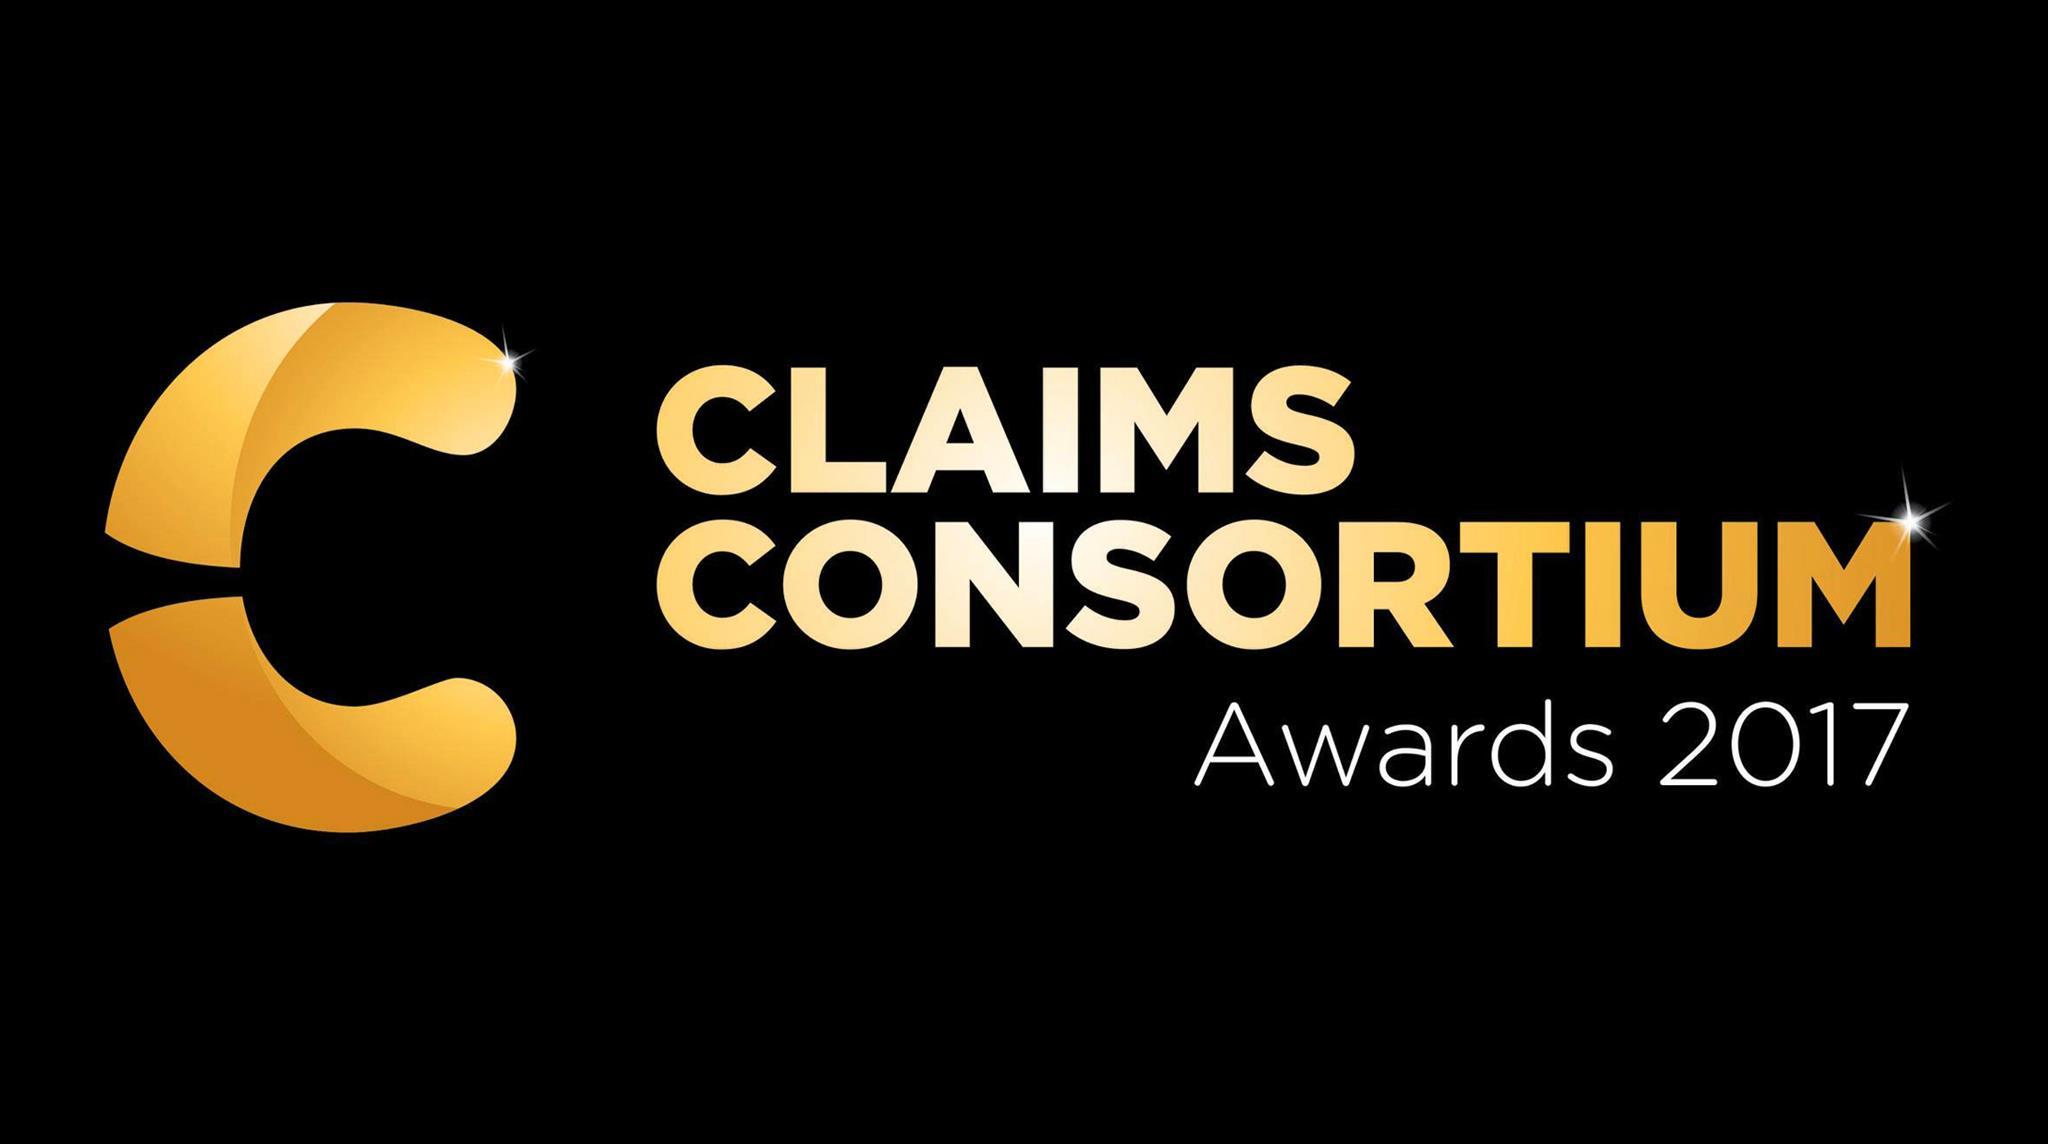 Claims Consortium Awards 2017